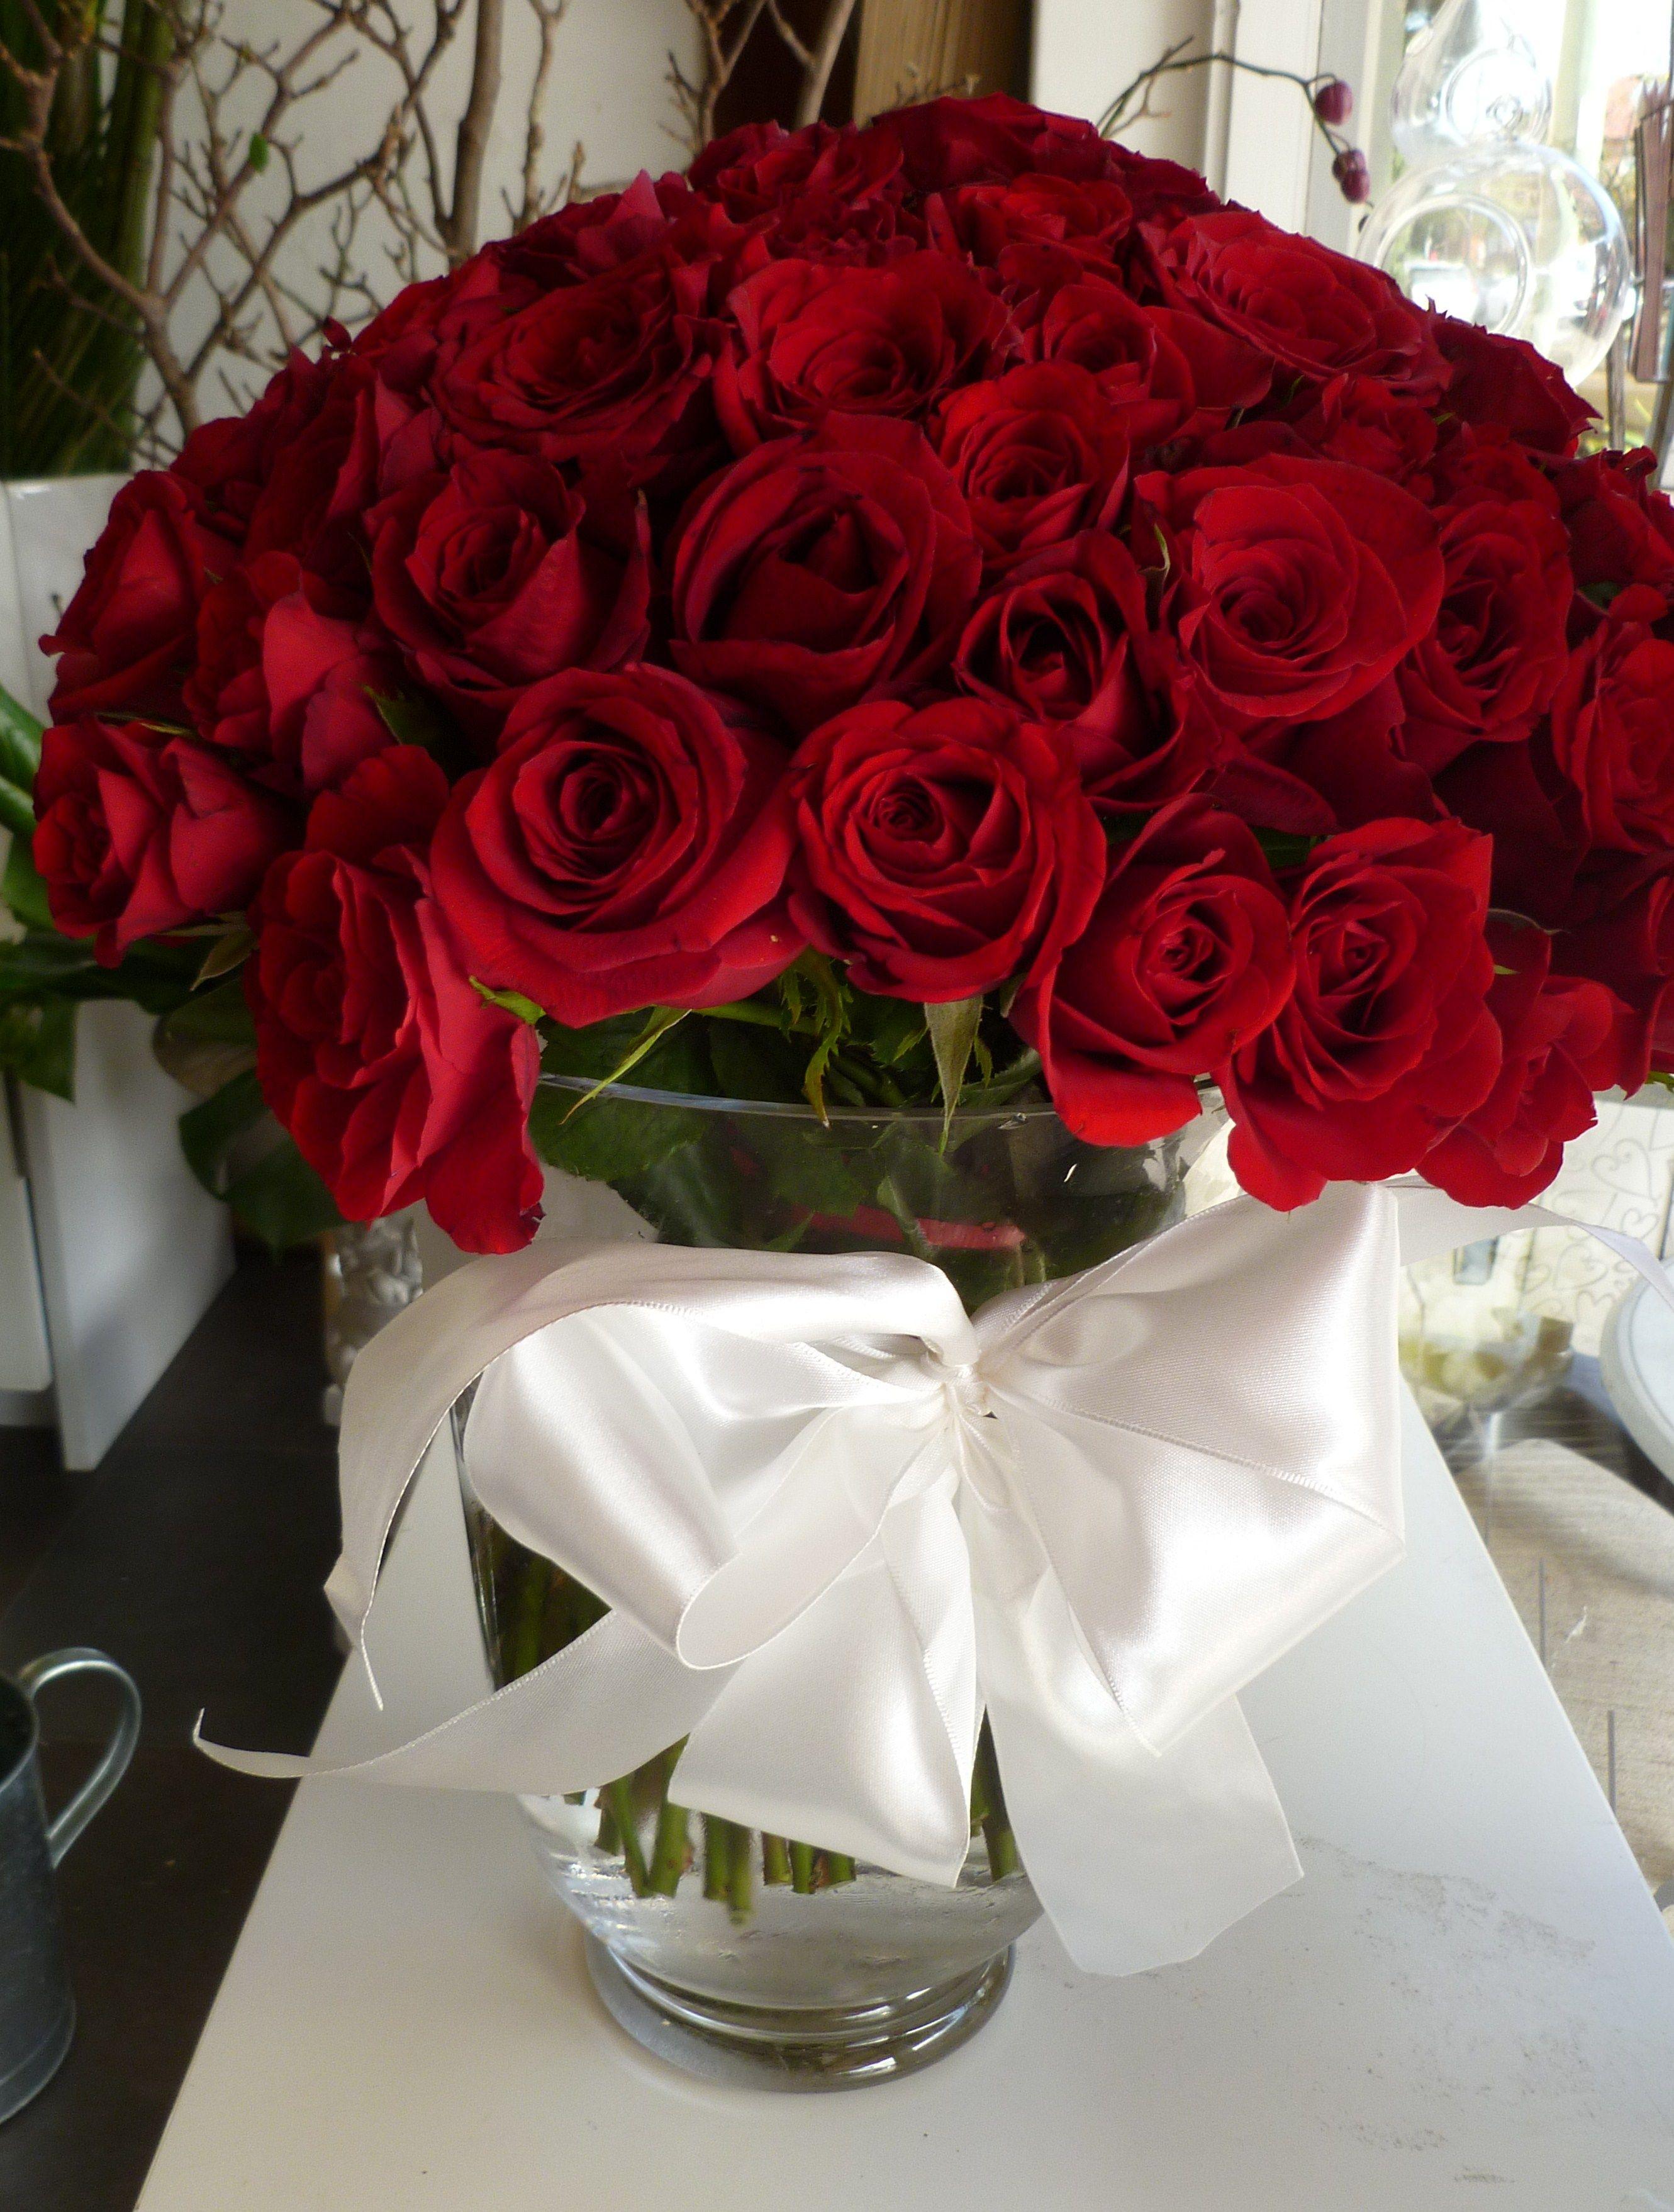 Красивый букет цветов на столе дома